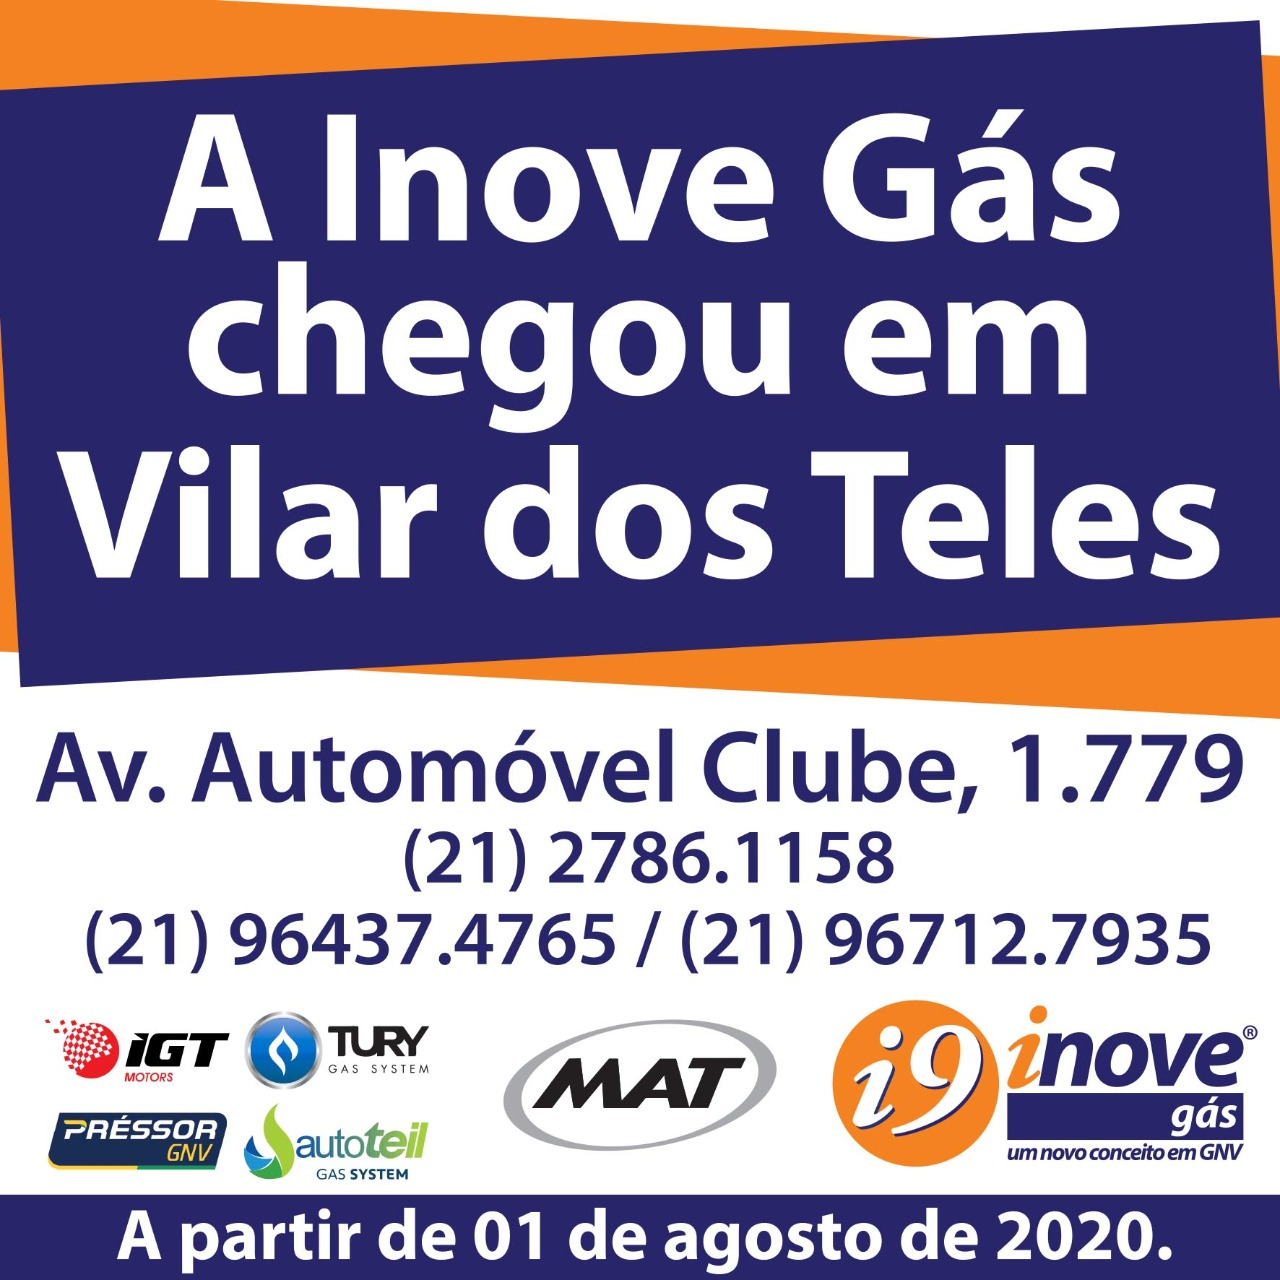 Nova loja de Inovegás em Vilar dos Teles